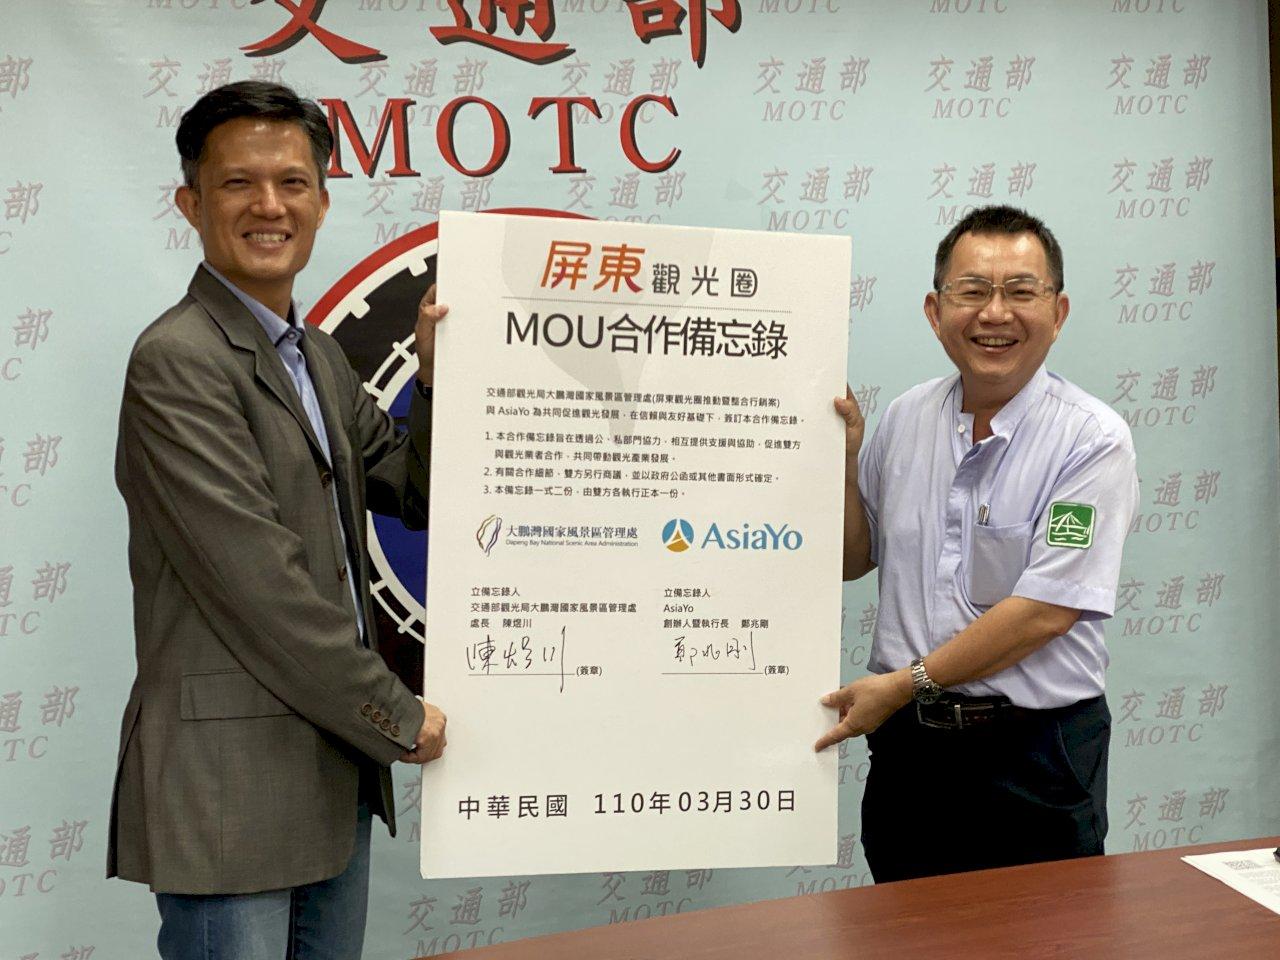 觀光局攜手電商平台 簽署「屏東觀光圈」MOU